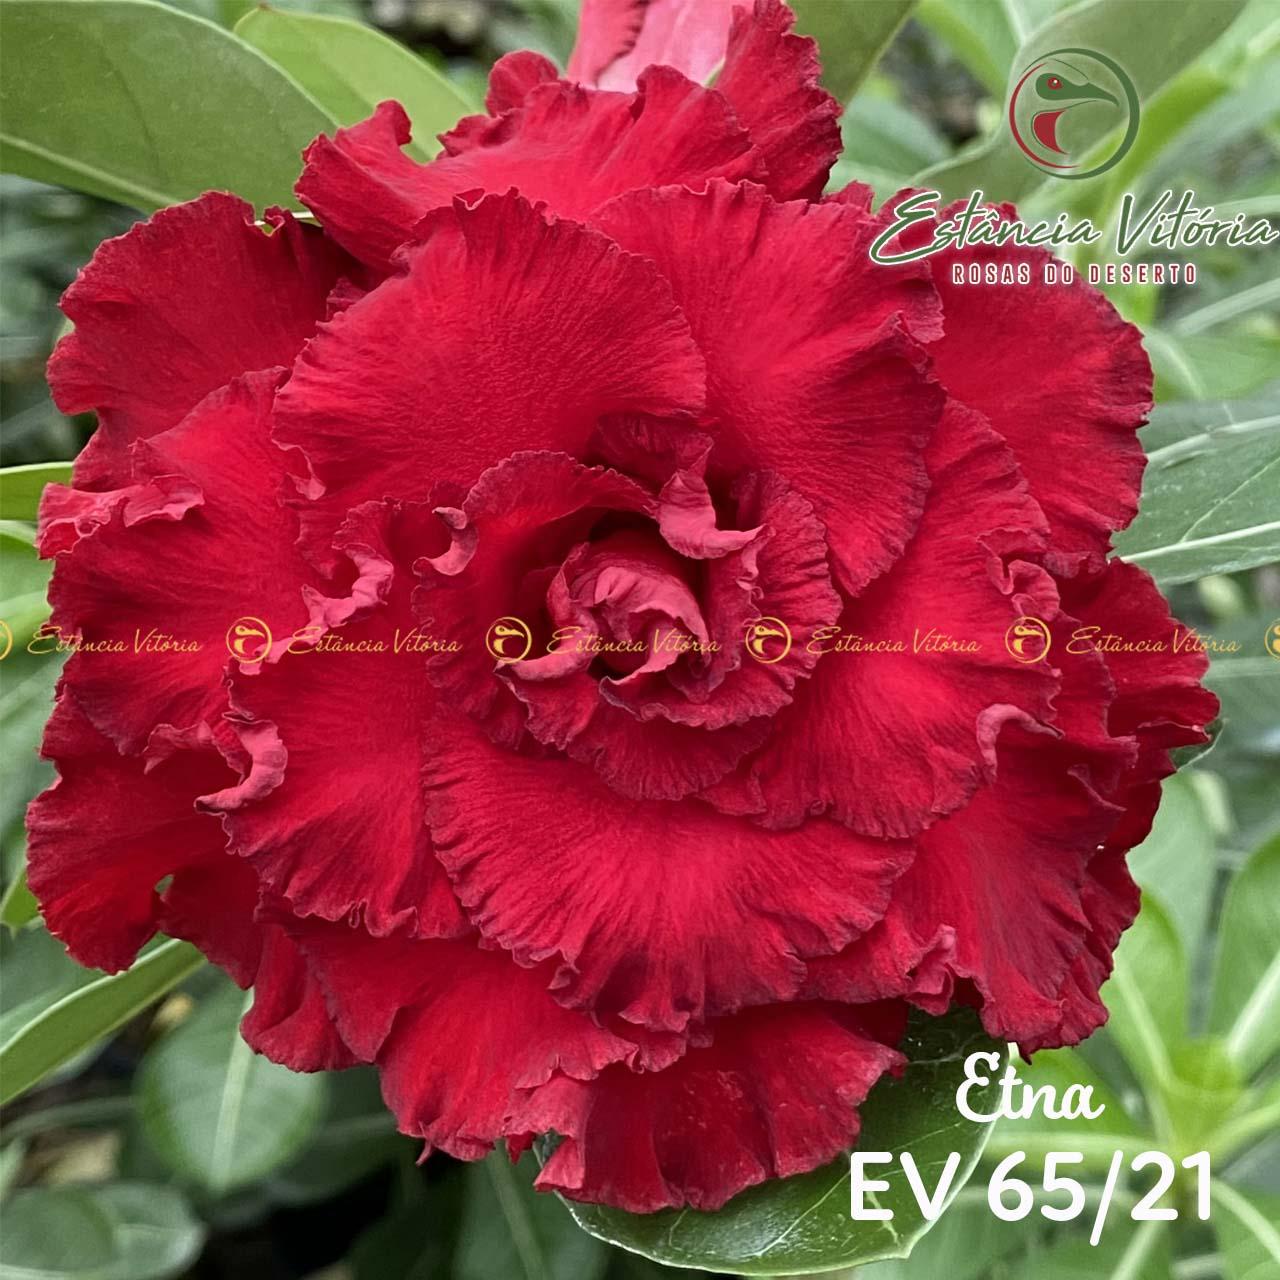 Muda de Rosa do Deserto Etna EV-06521